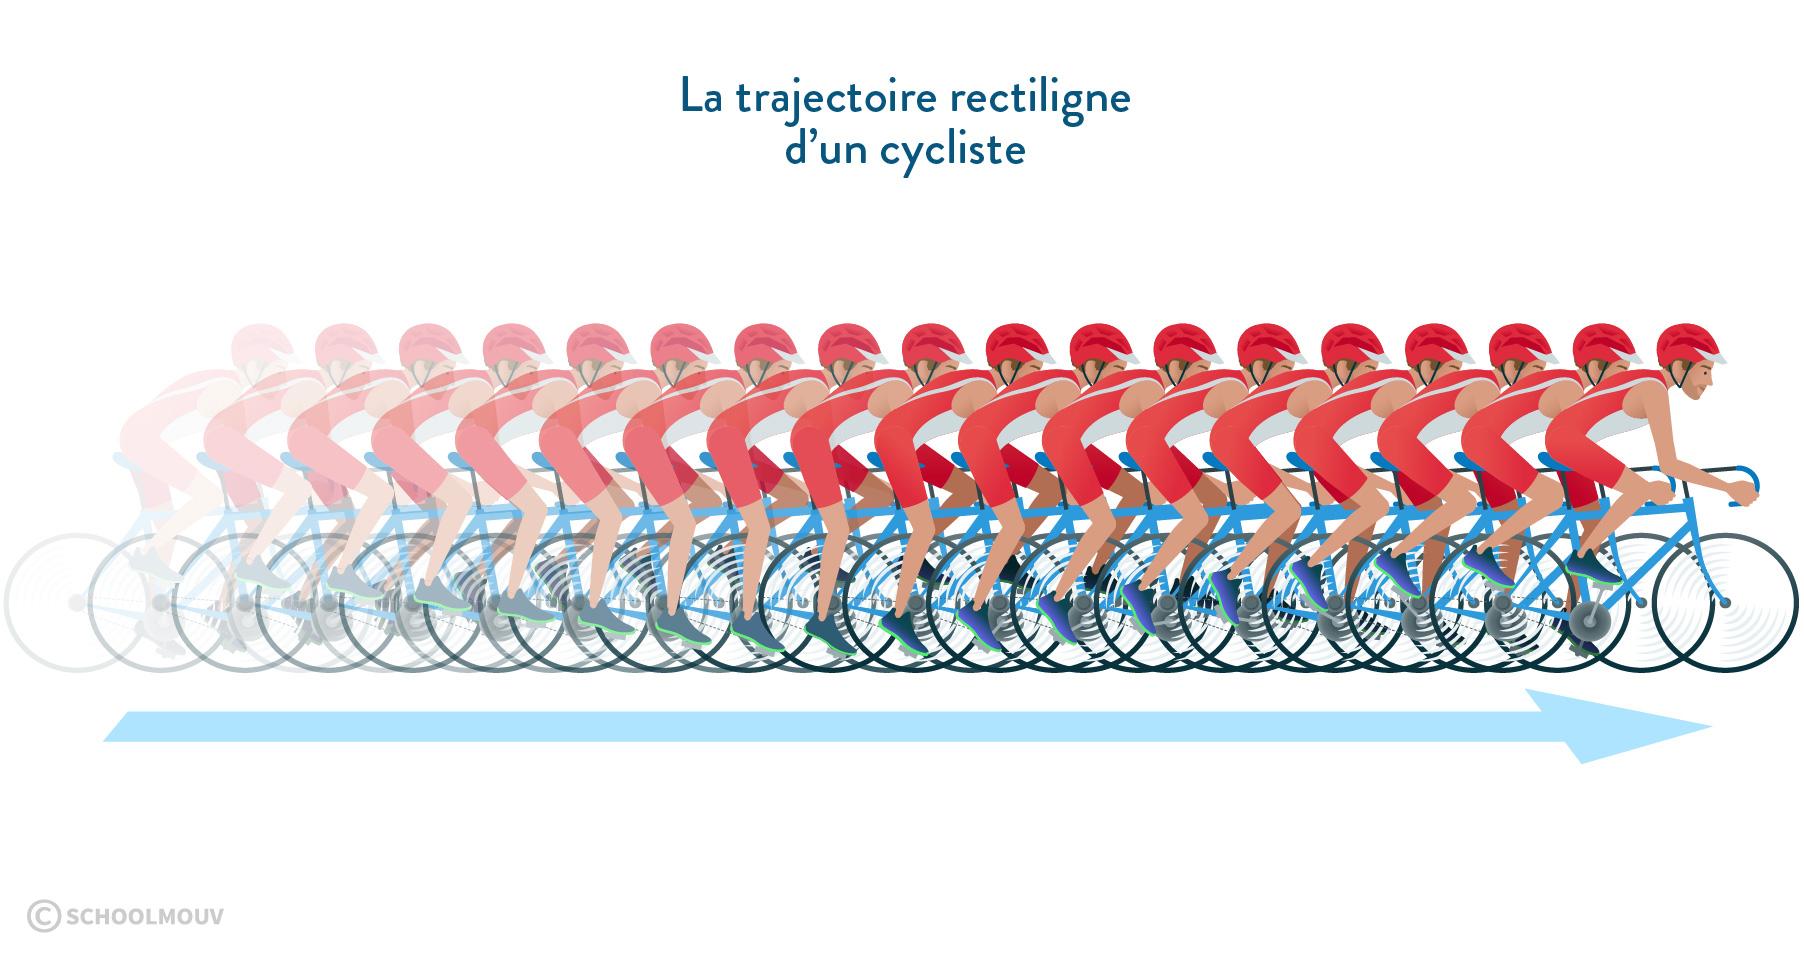 Trajectoire rectiligne d'un cycliste physique chimie 6eme schoolmouv